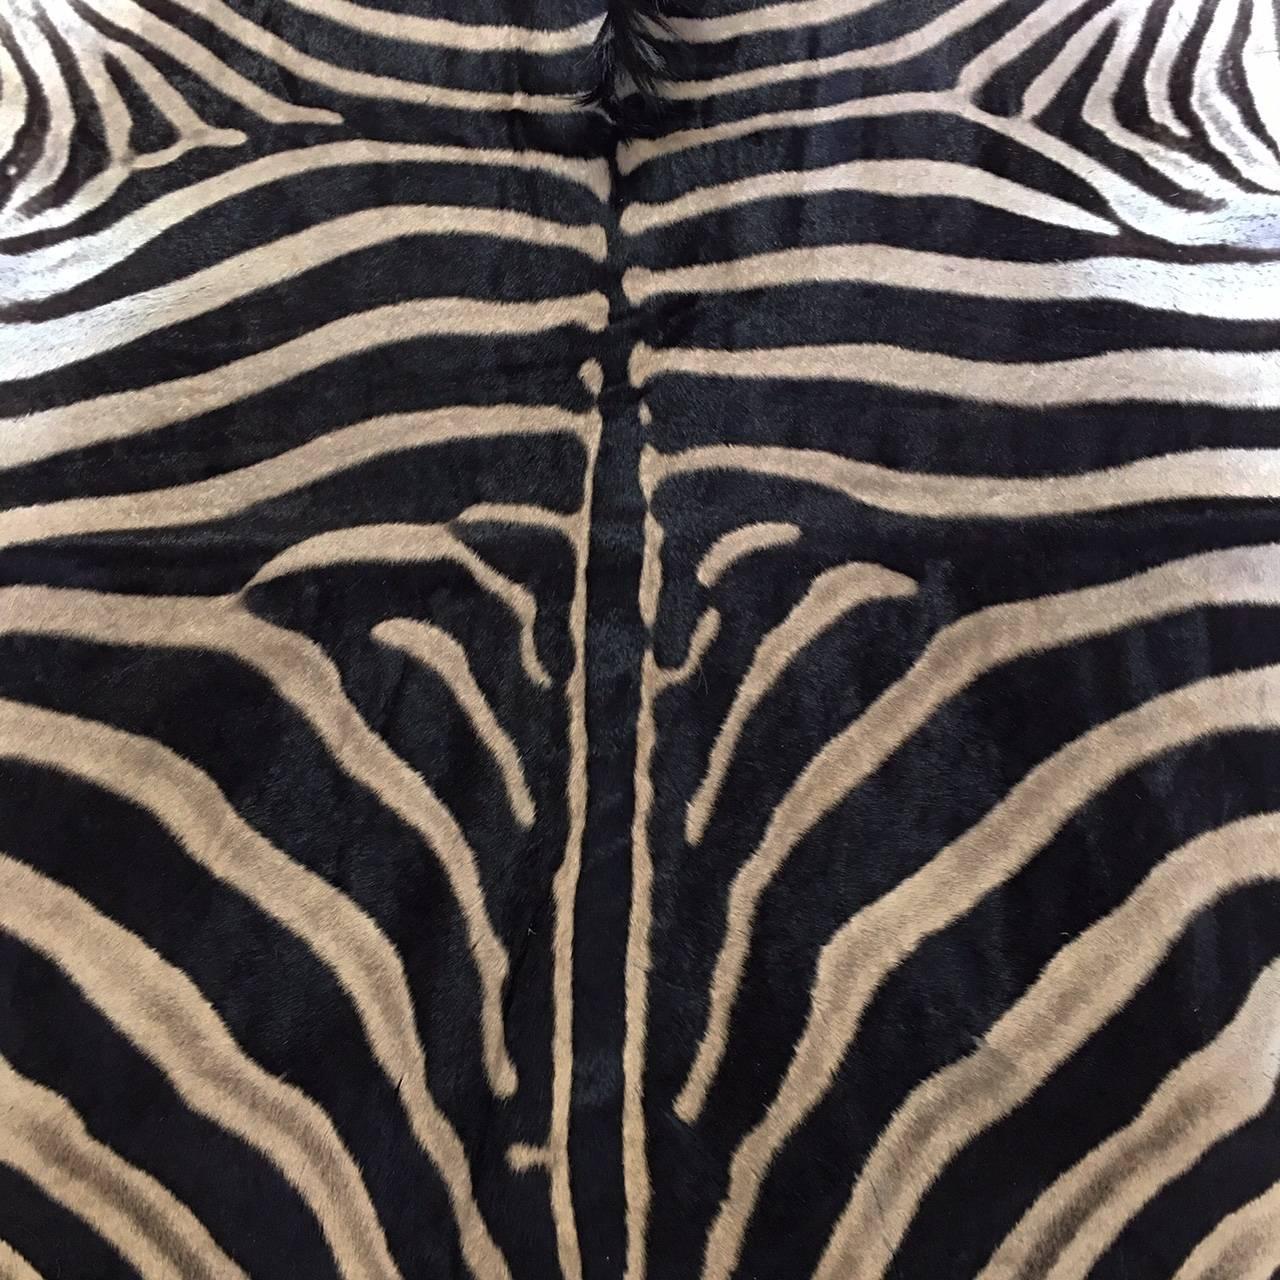 Zebra Hide Rug At 1stdibs